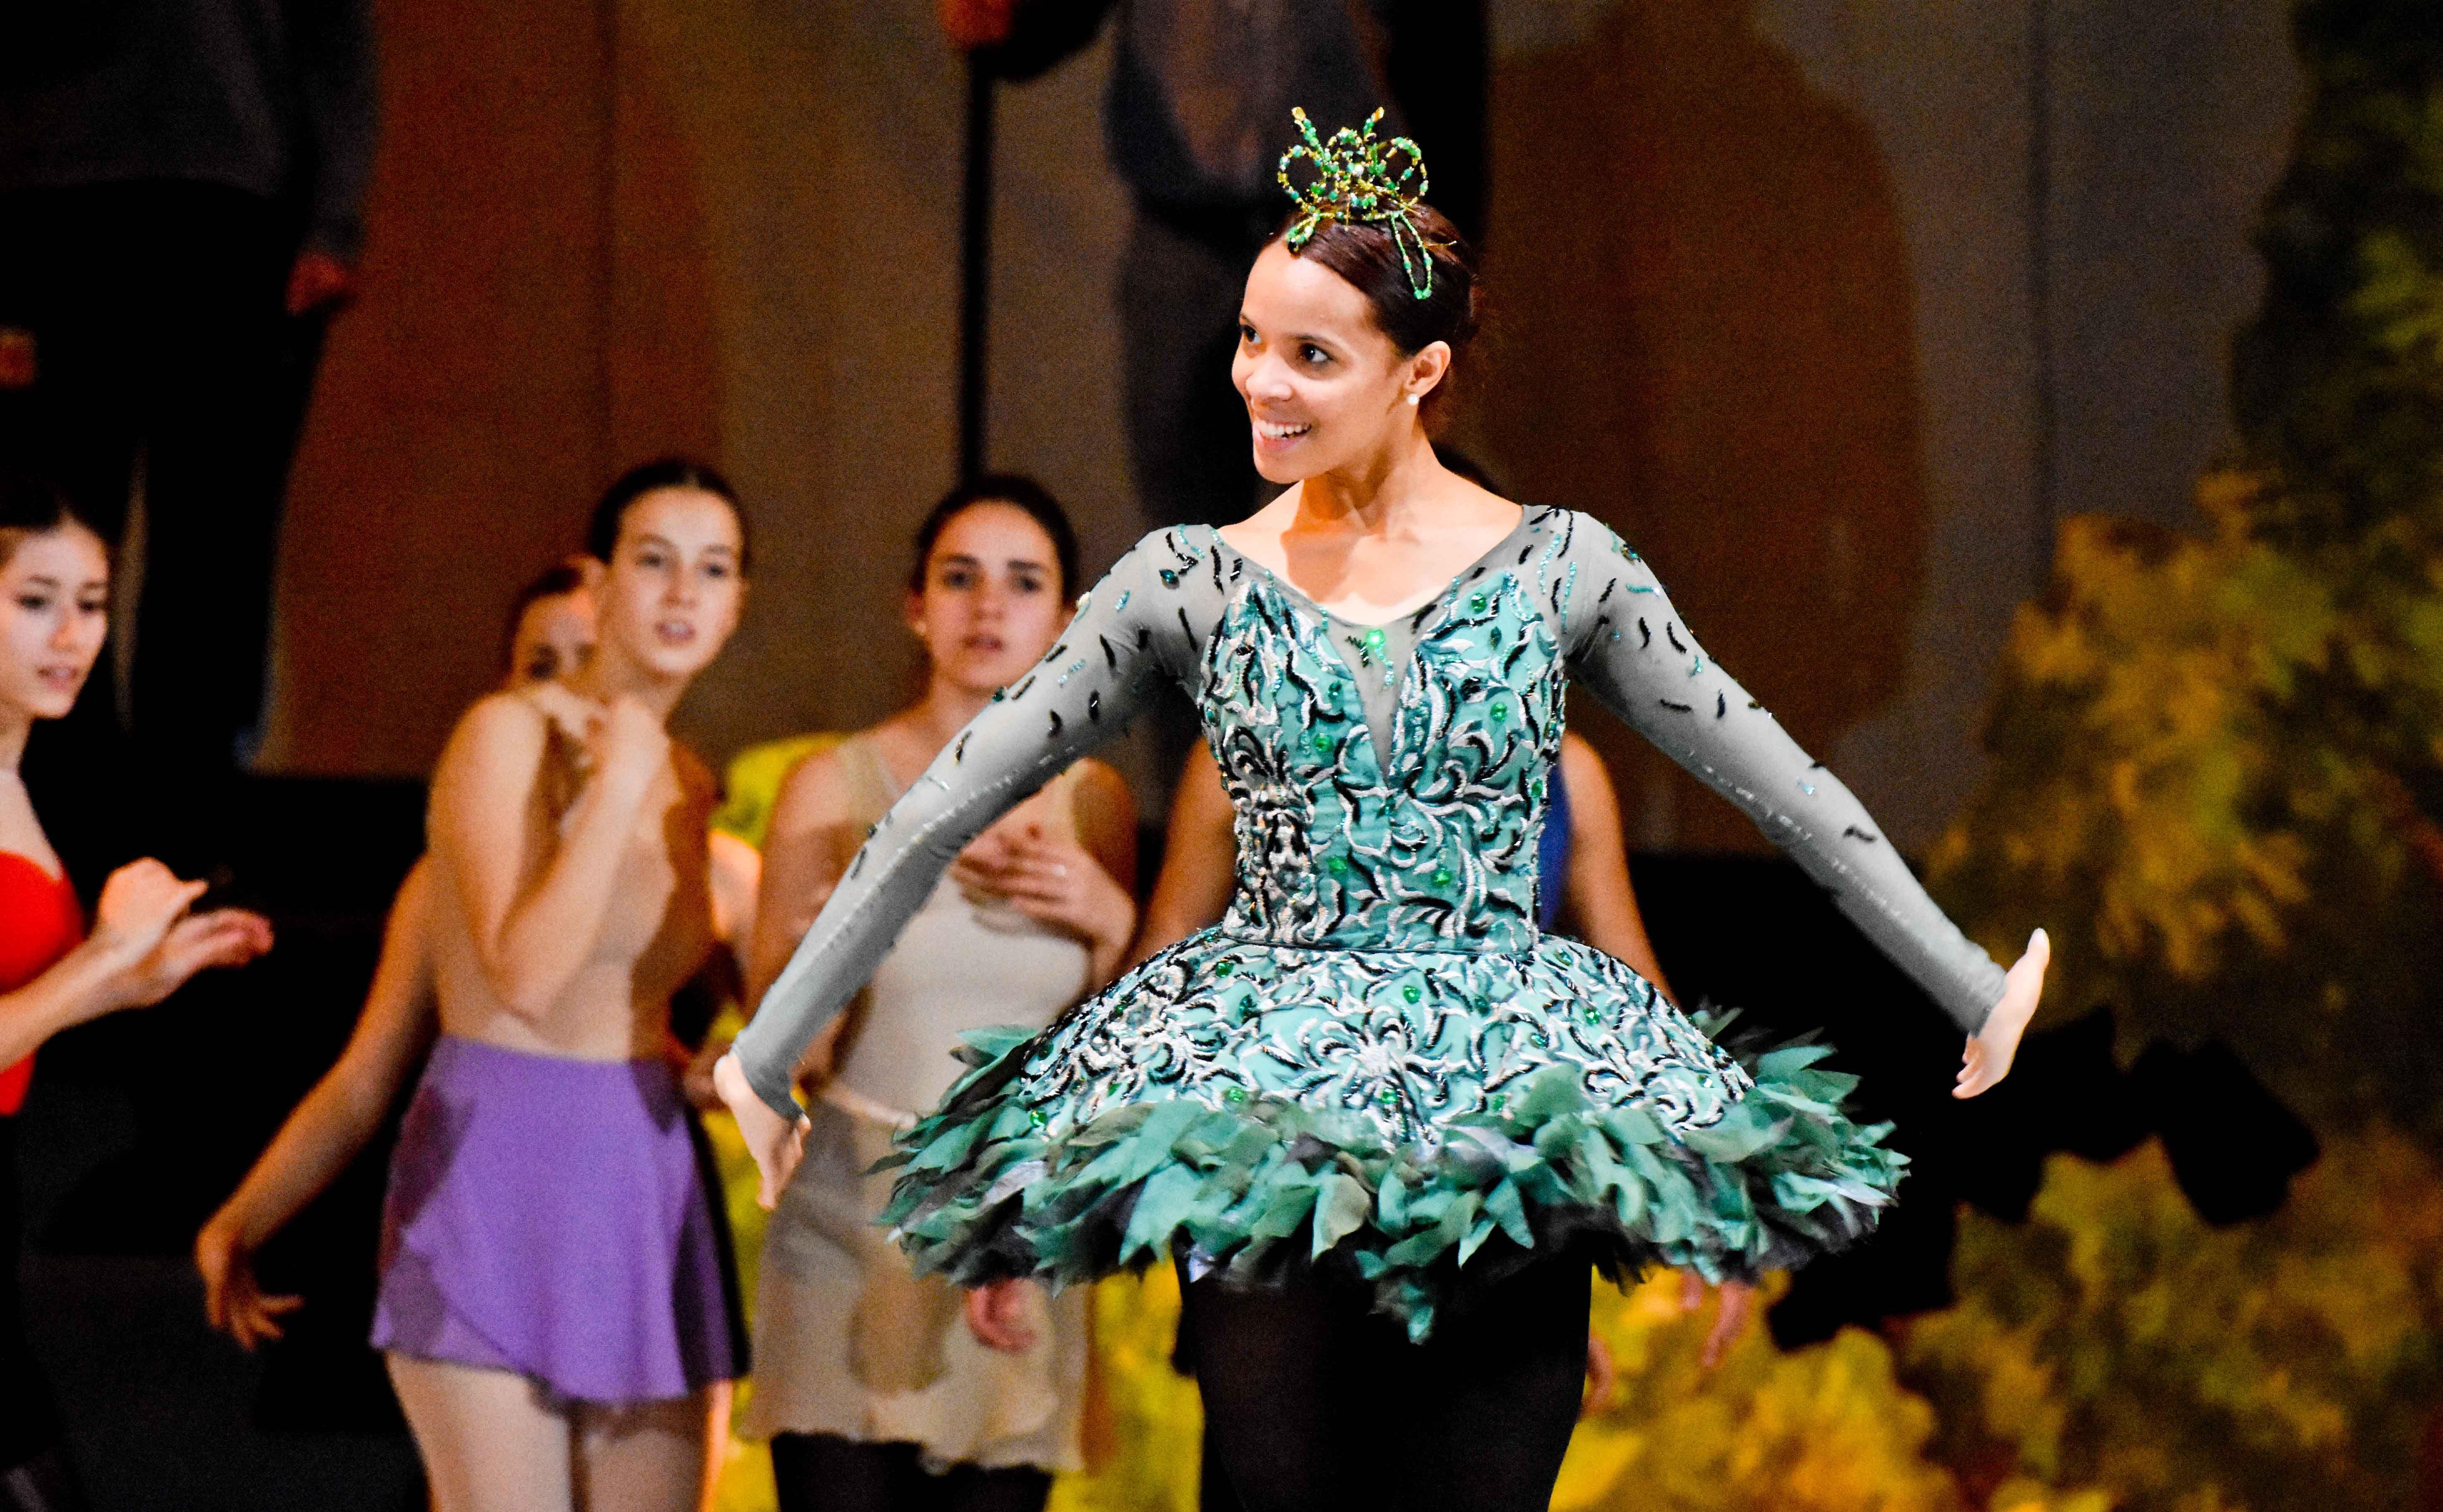 La Bella Durmiente Back Teatrodelbicentenario Bella Durmiente Actividades Artísticas Durmientes